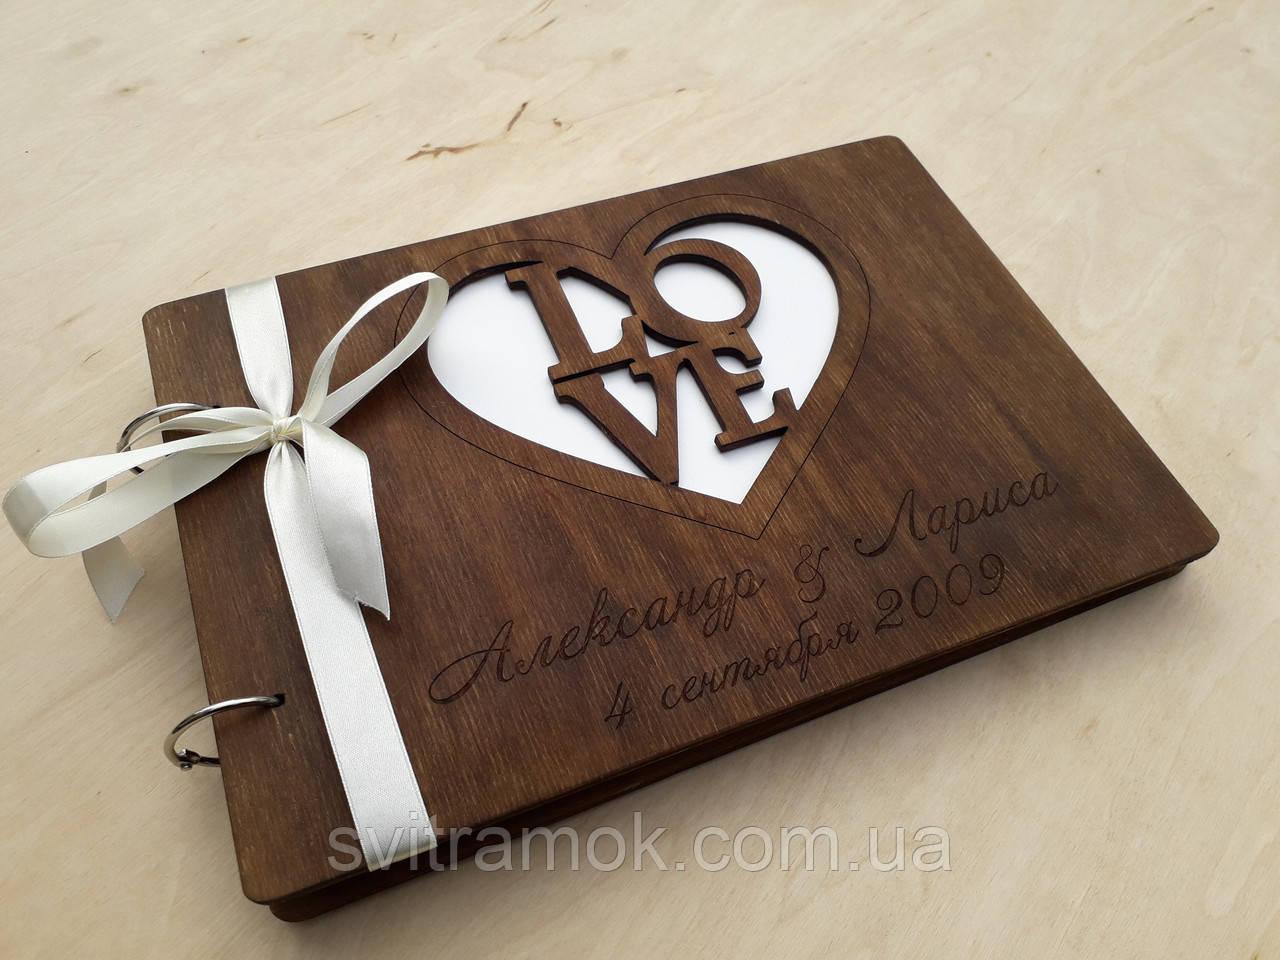 Фотоальбом з дерев'яна яними обкладинками